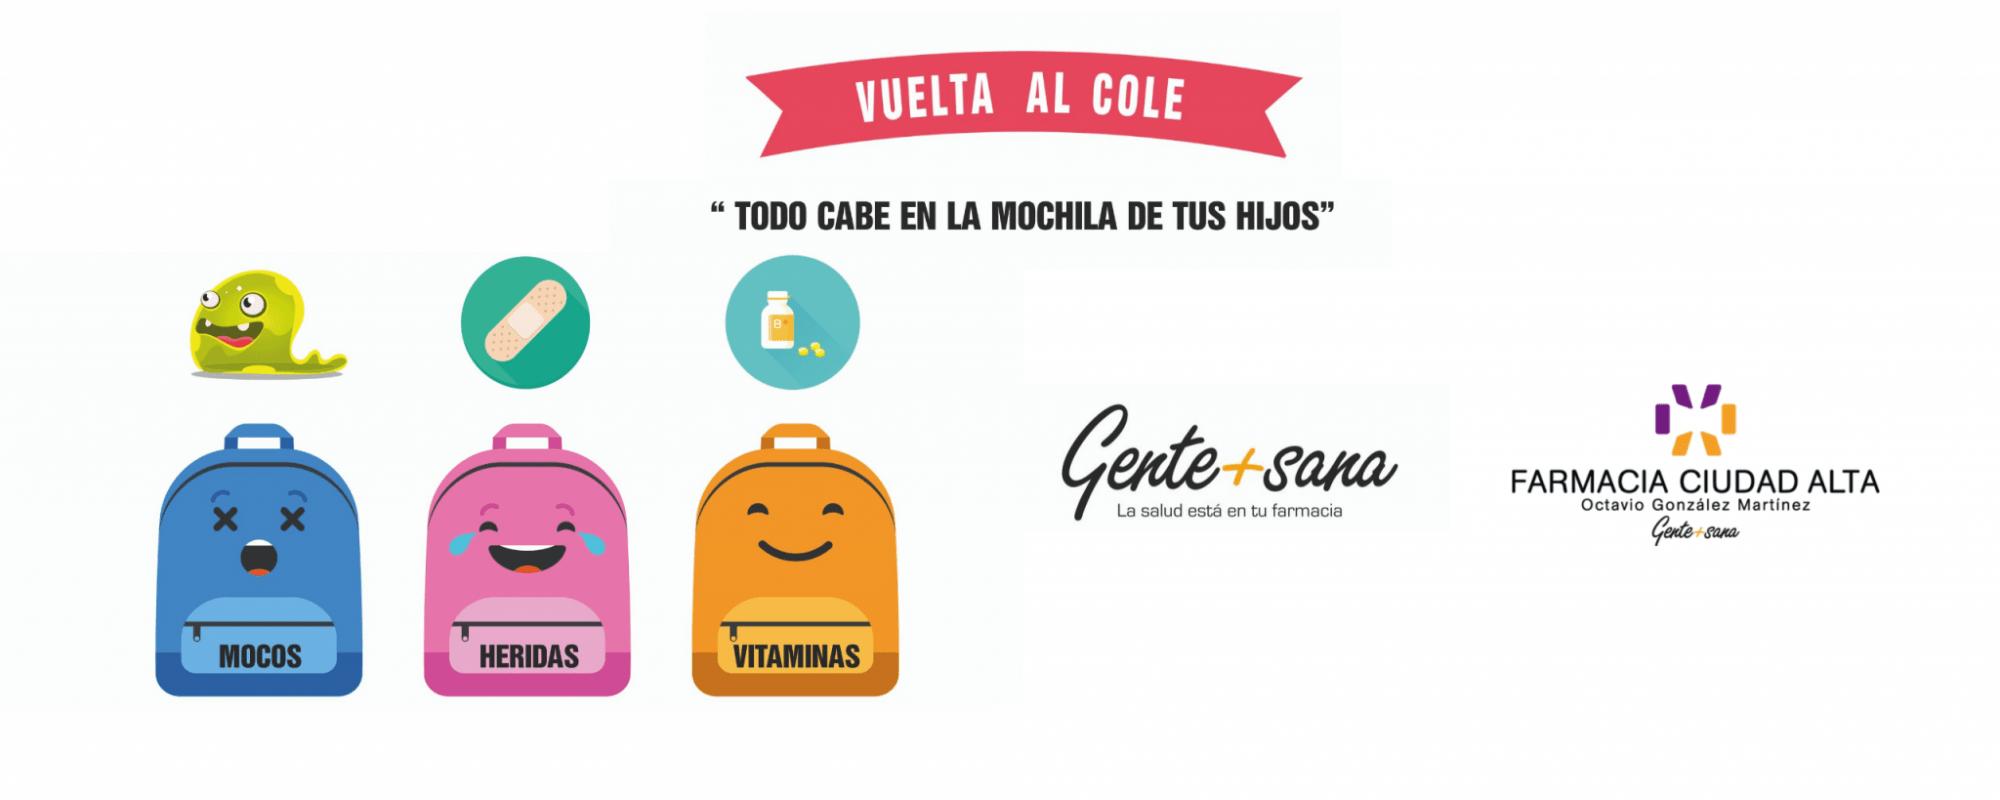 vuelta al cole con Gente + Sana y Farmacia Ciduad Alta